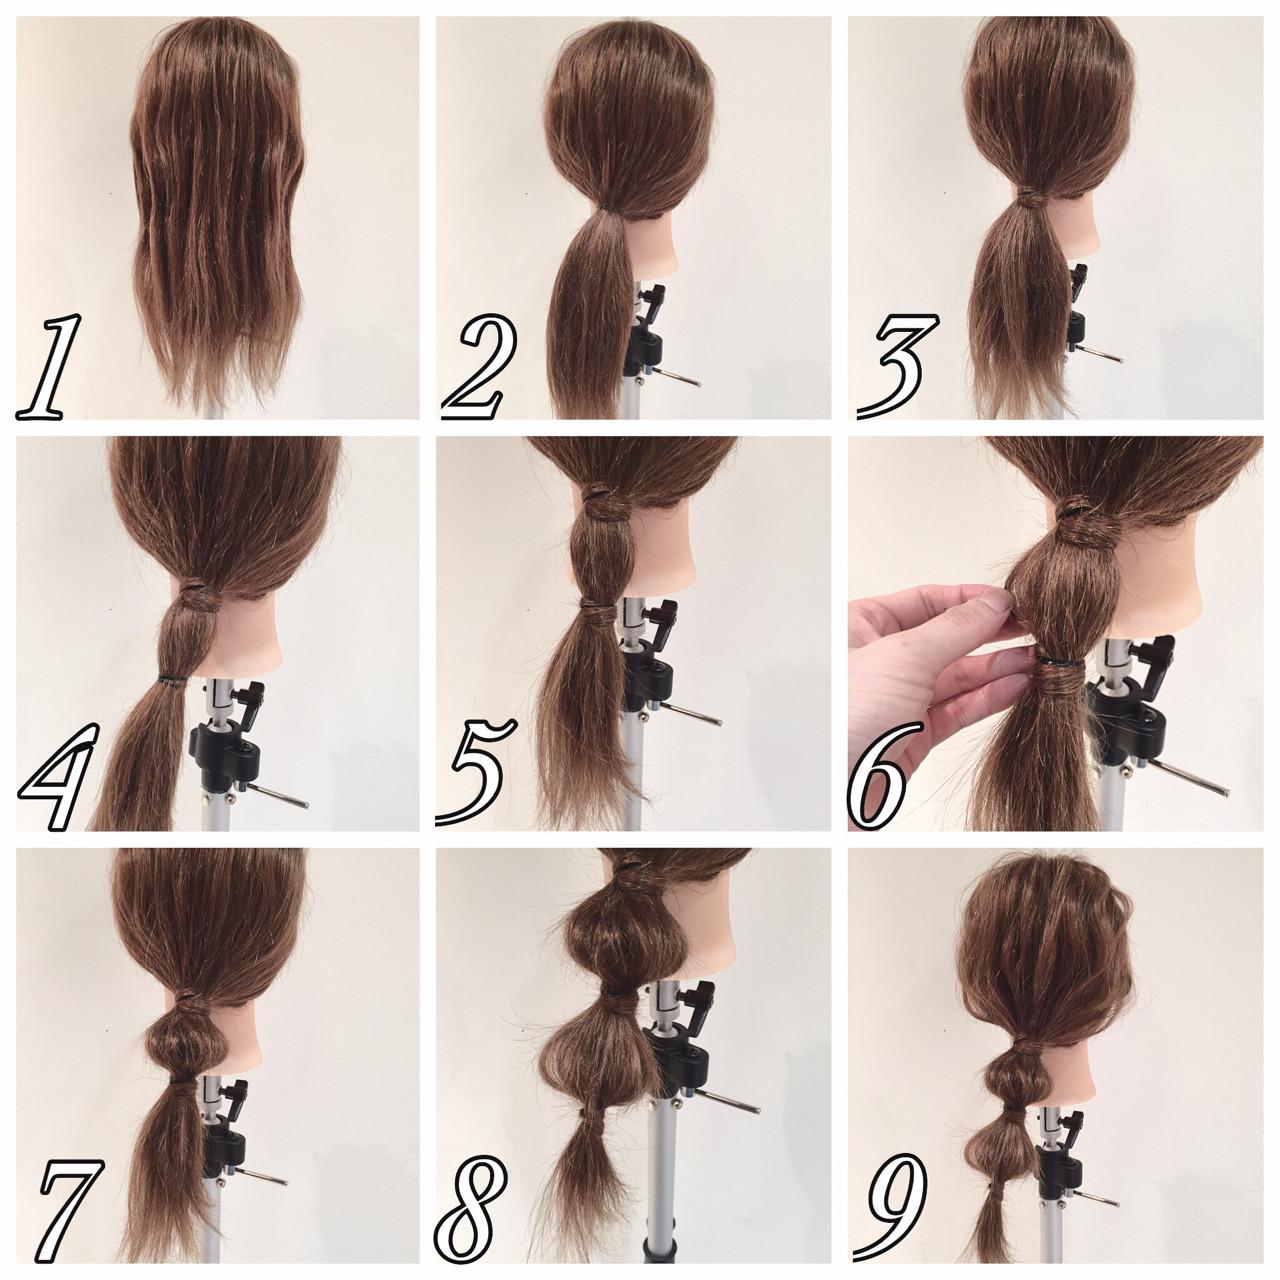 セミロング パーティ 大人かわいい 簡単ヘアアレンジ ヘアスタイルや髪型の写真・画像